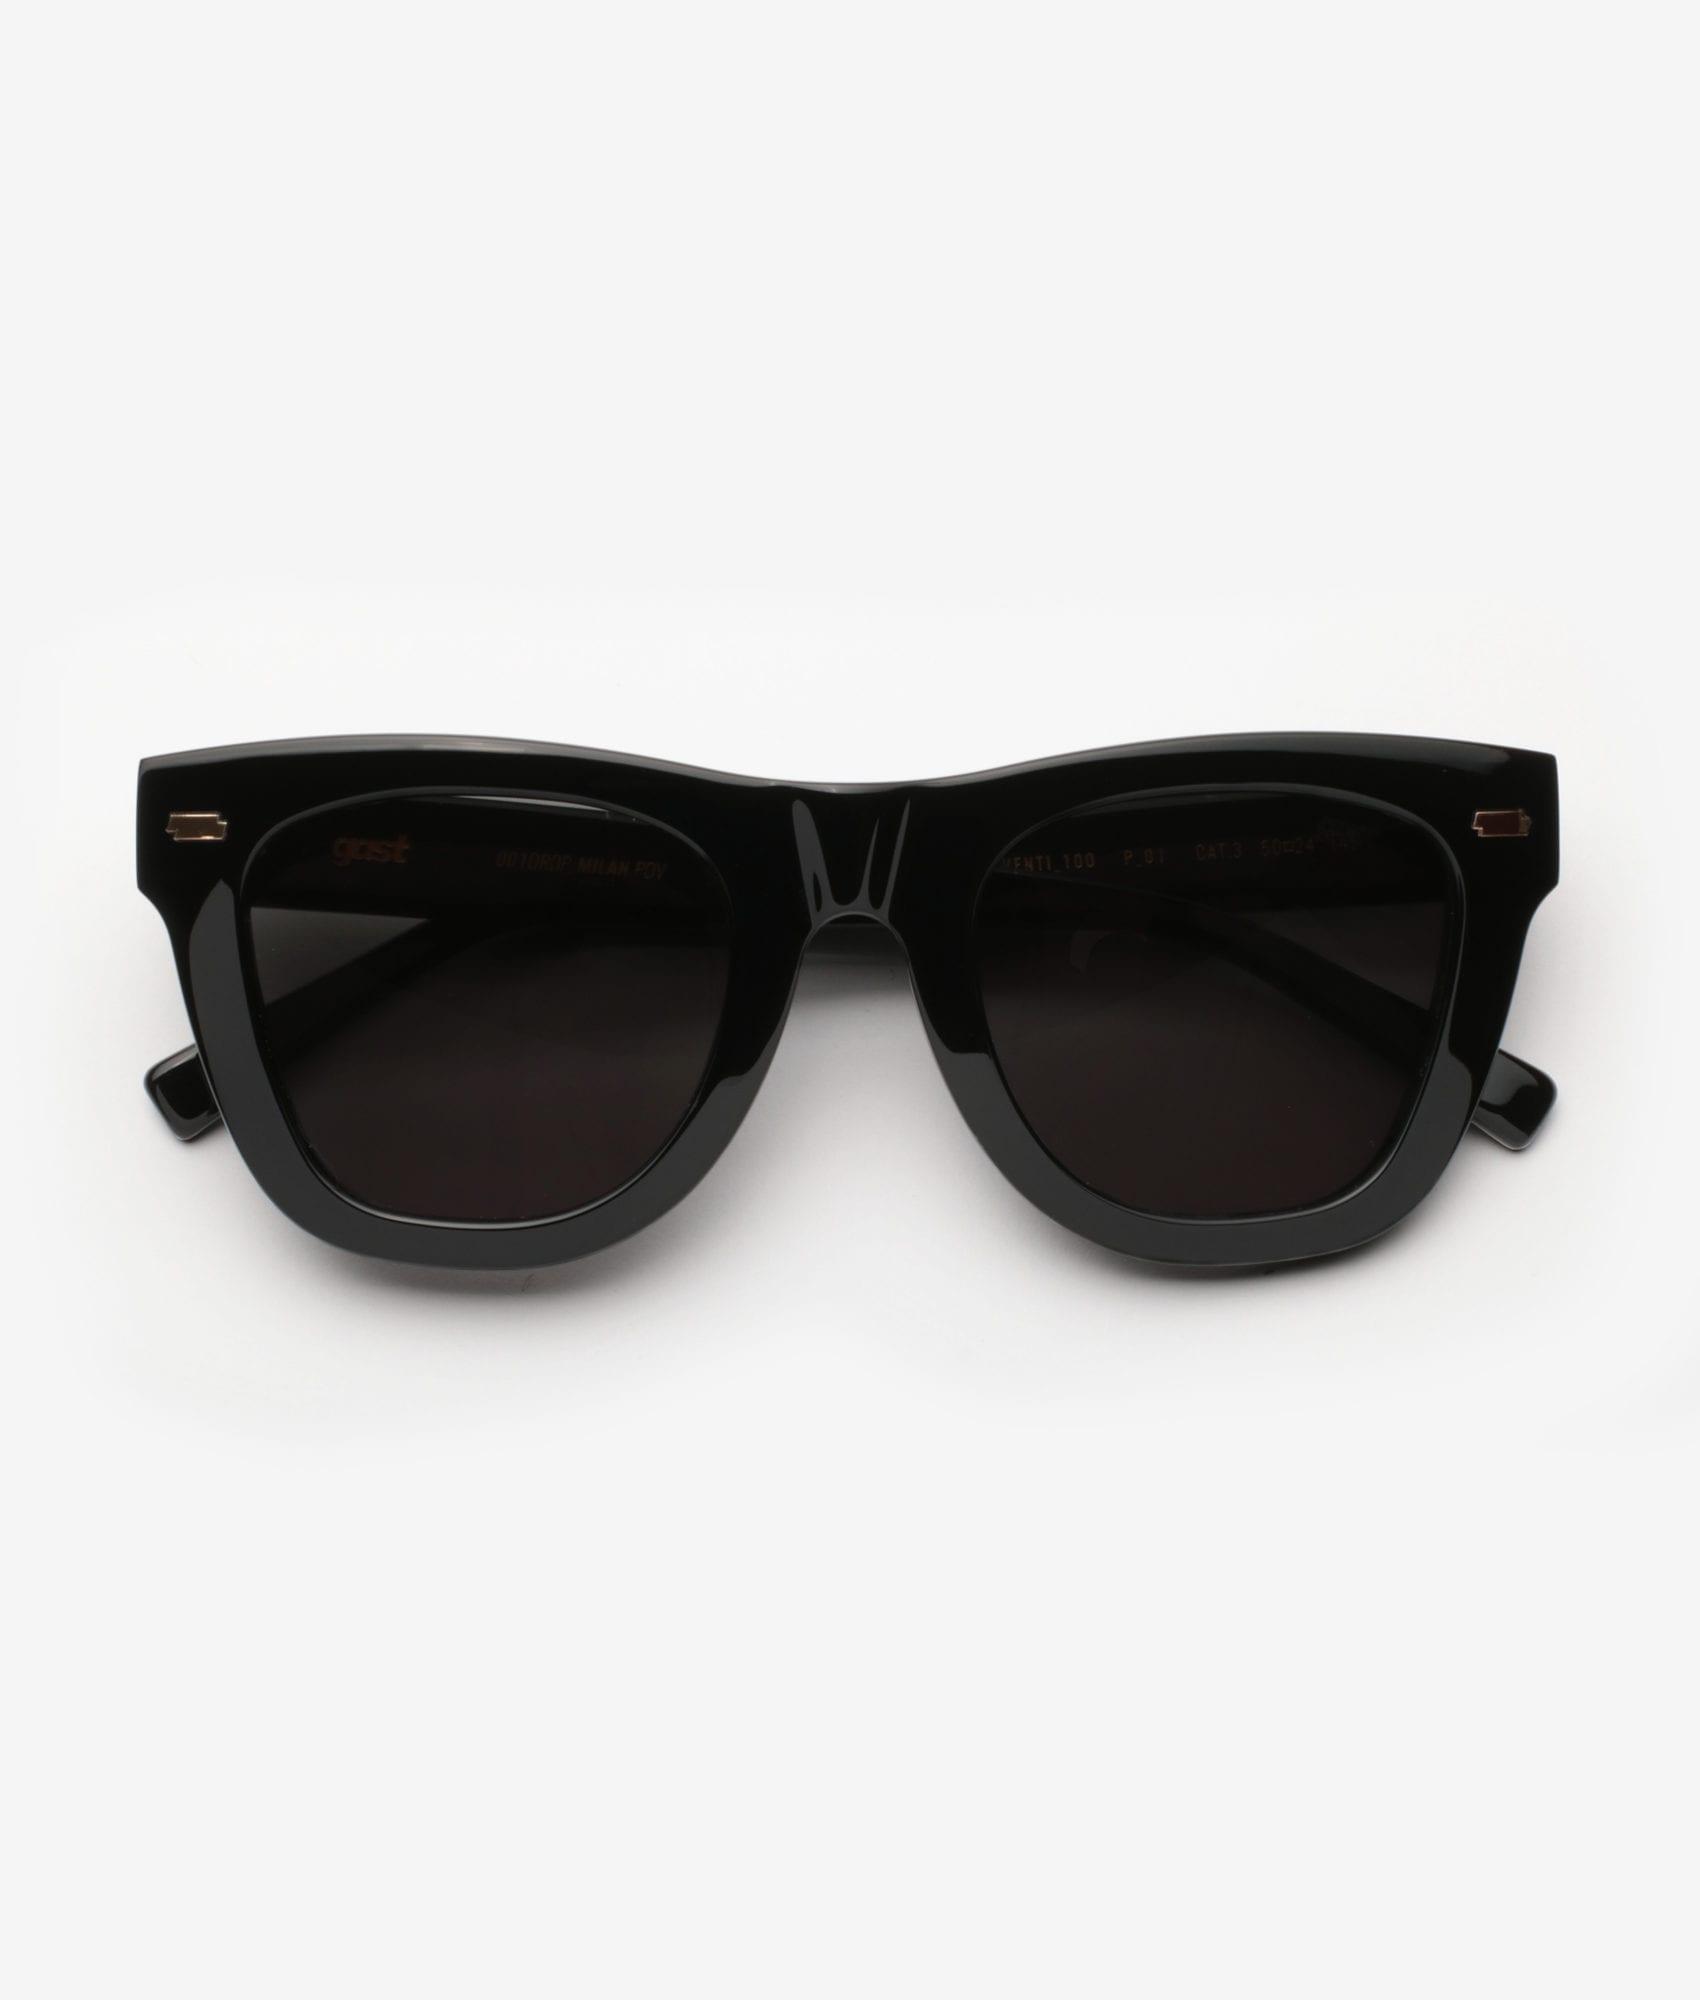 VENTI 100 Black Gast Sunglasses